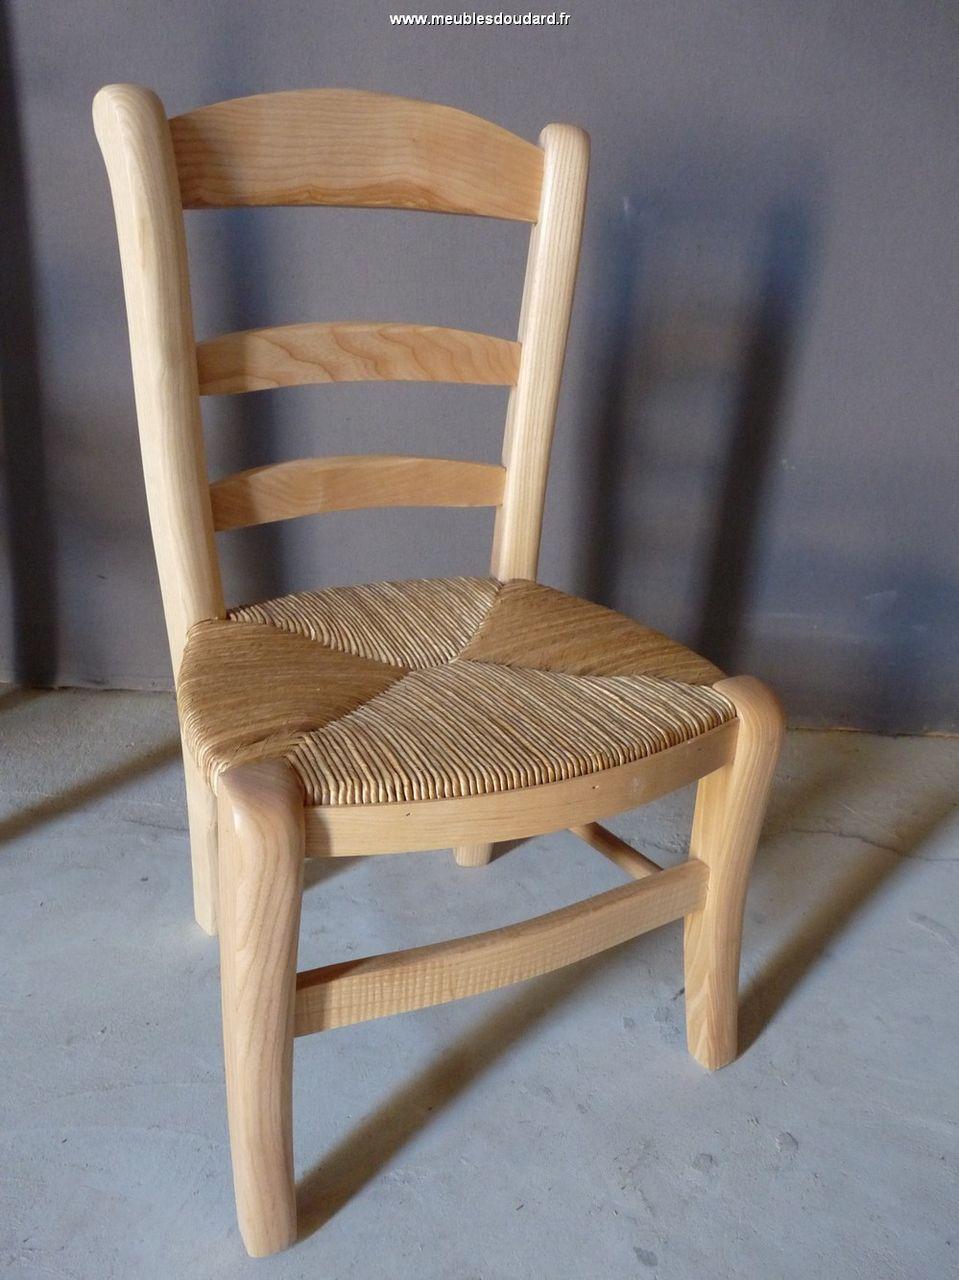 chaise enfant en bois massif r f 49 c. Black Bedroom Furniture Sets. Home Design Ideas